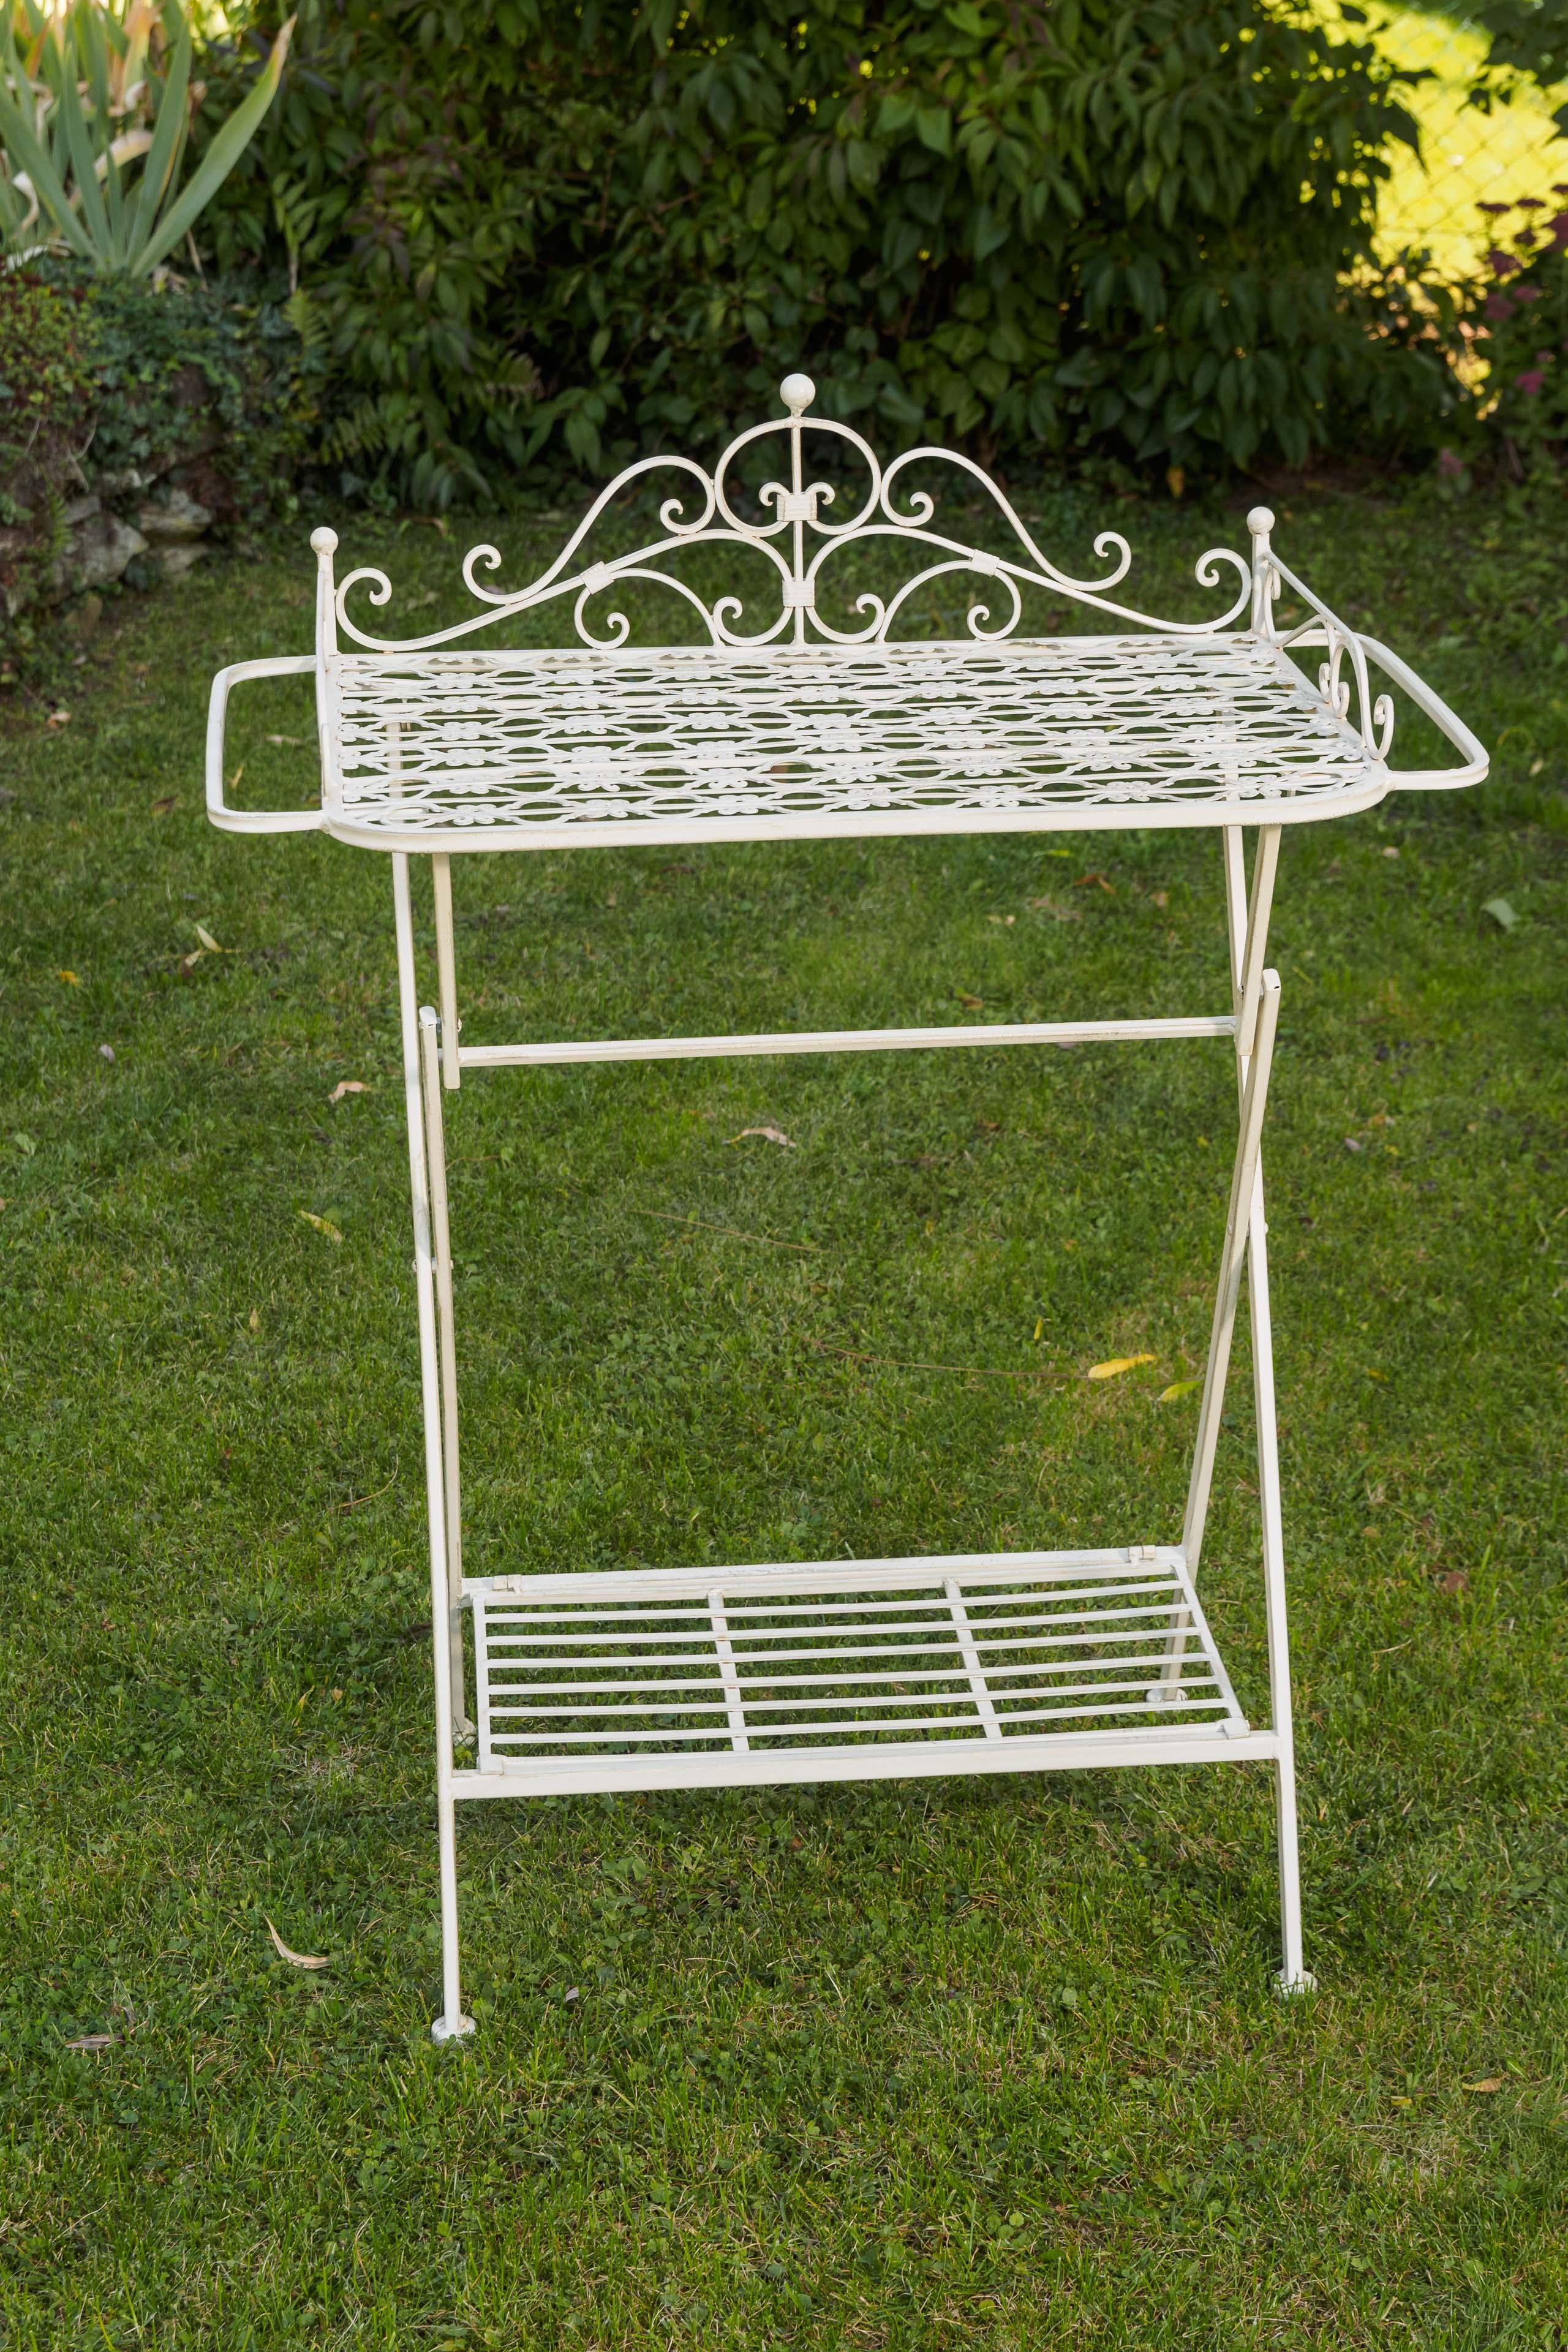 Gartentisch Aus Eisen Gartenmobel Eisen Antik Gunstig